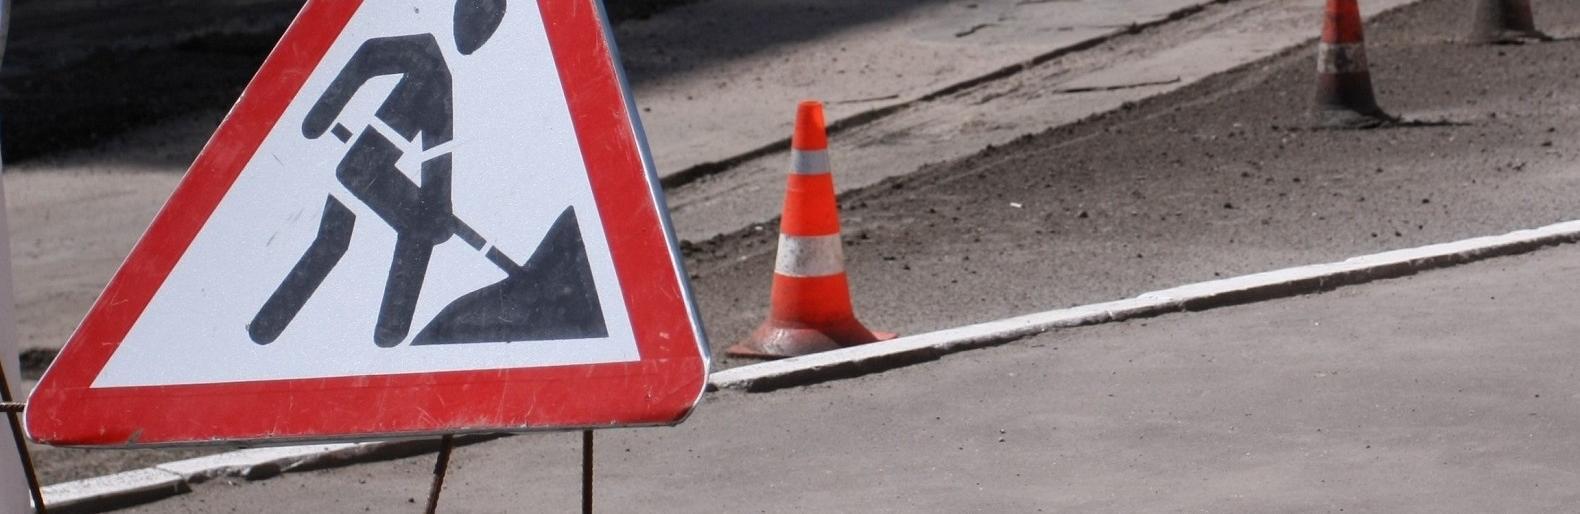 Запорожцев предупреждают об ограничении движения в Шевченковском районе города